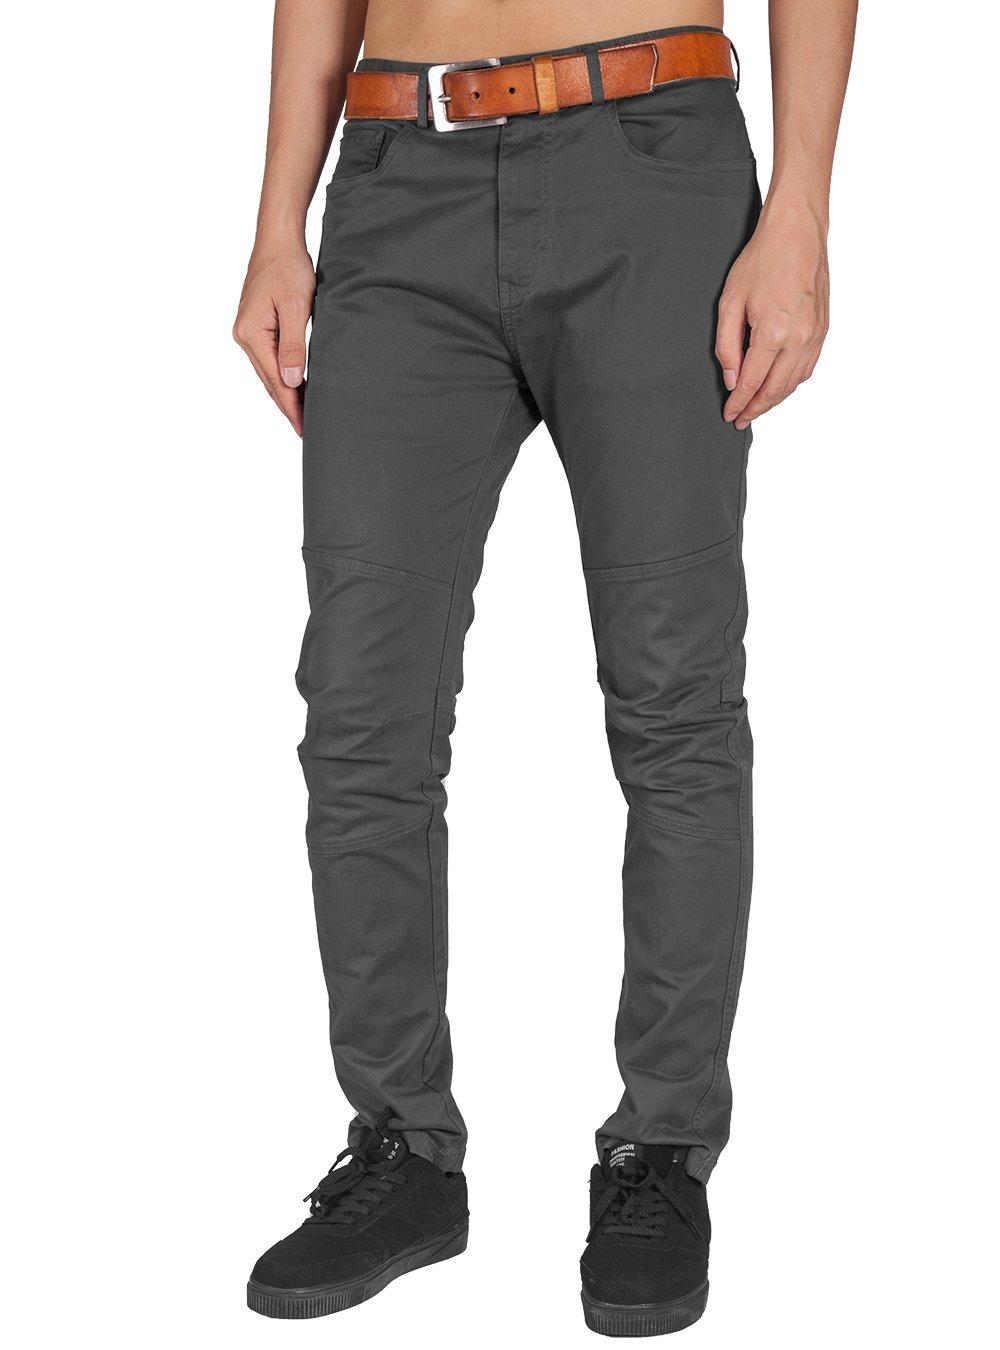 ITALY MORN Men Creative Informal Casual Slim Fit Chino Pant (Dark Grey, L)